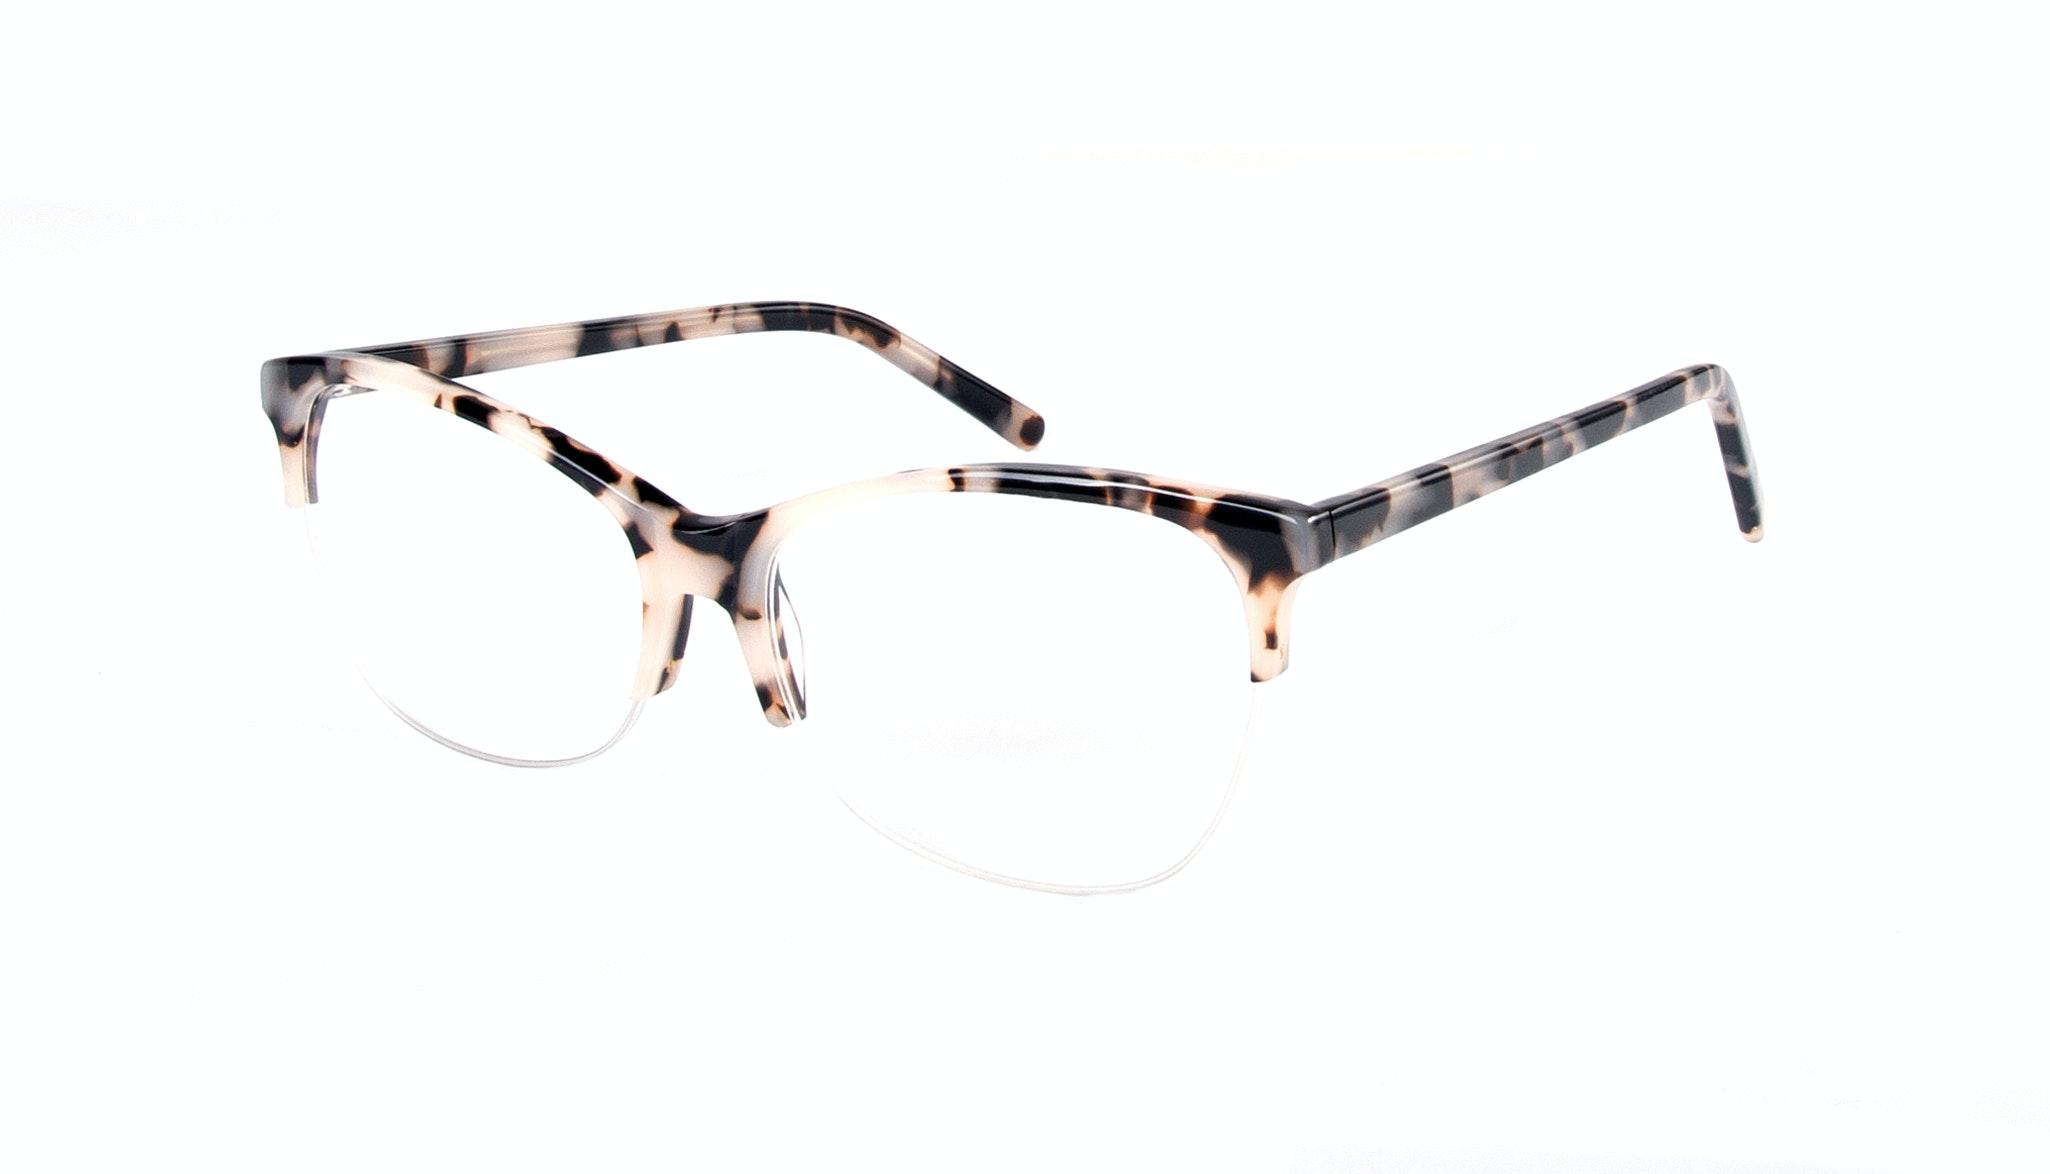 Affordable Fashion Glasses Cat Eye Rectangle Semi-Rimless Eyeglasses Women Flair Light Granite Tilt